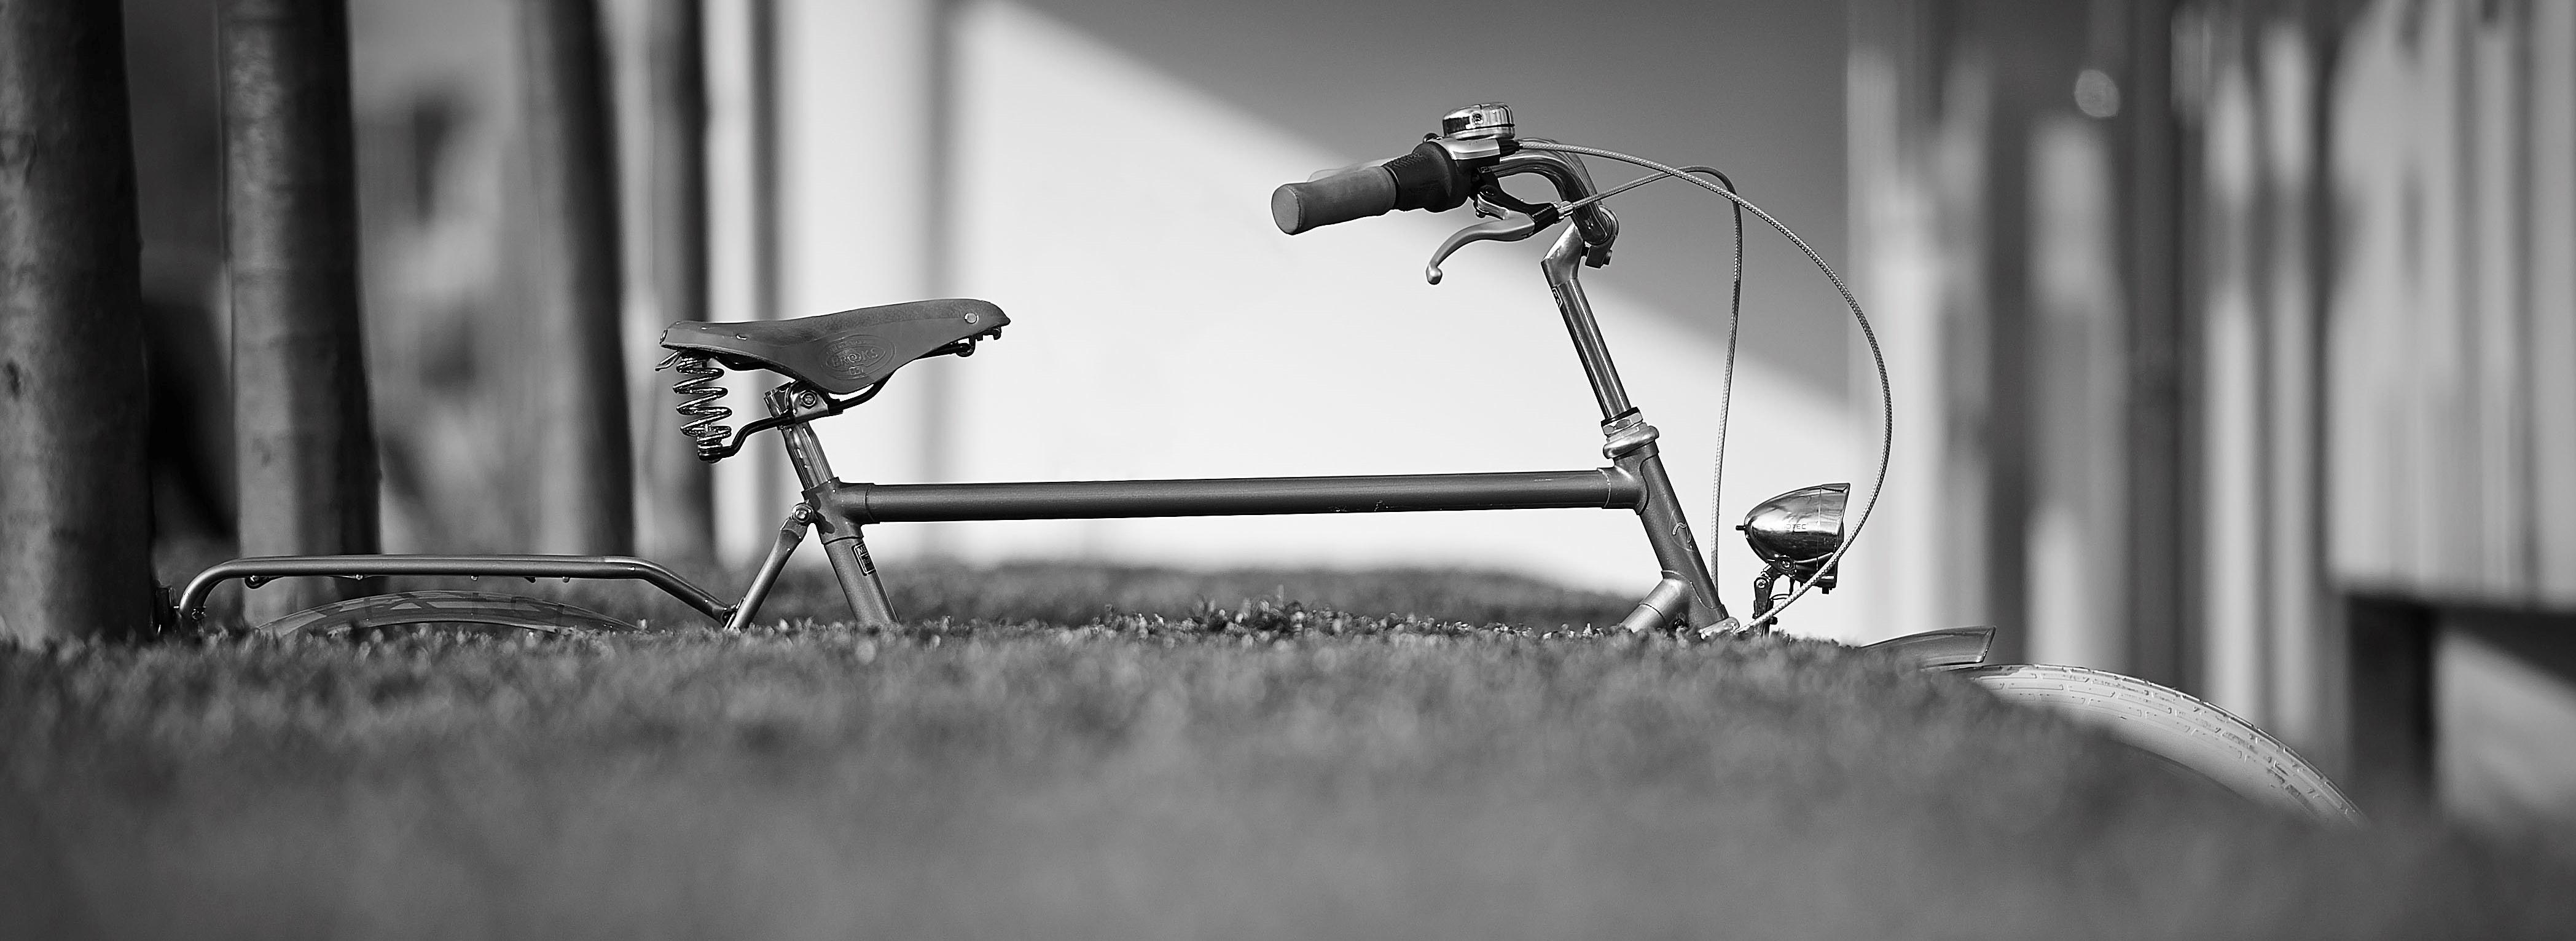 Foto Fahrrad AGFK-BW / Volker Lannert